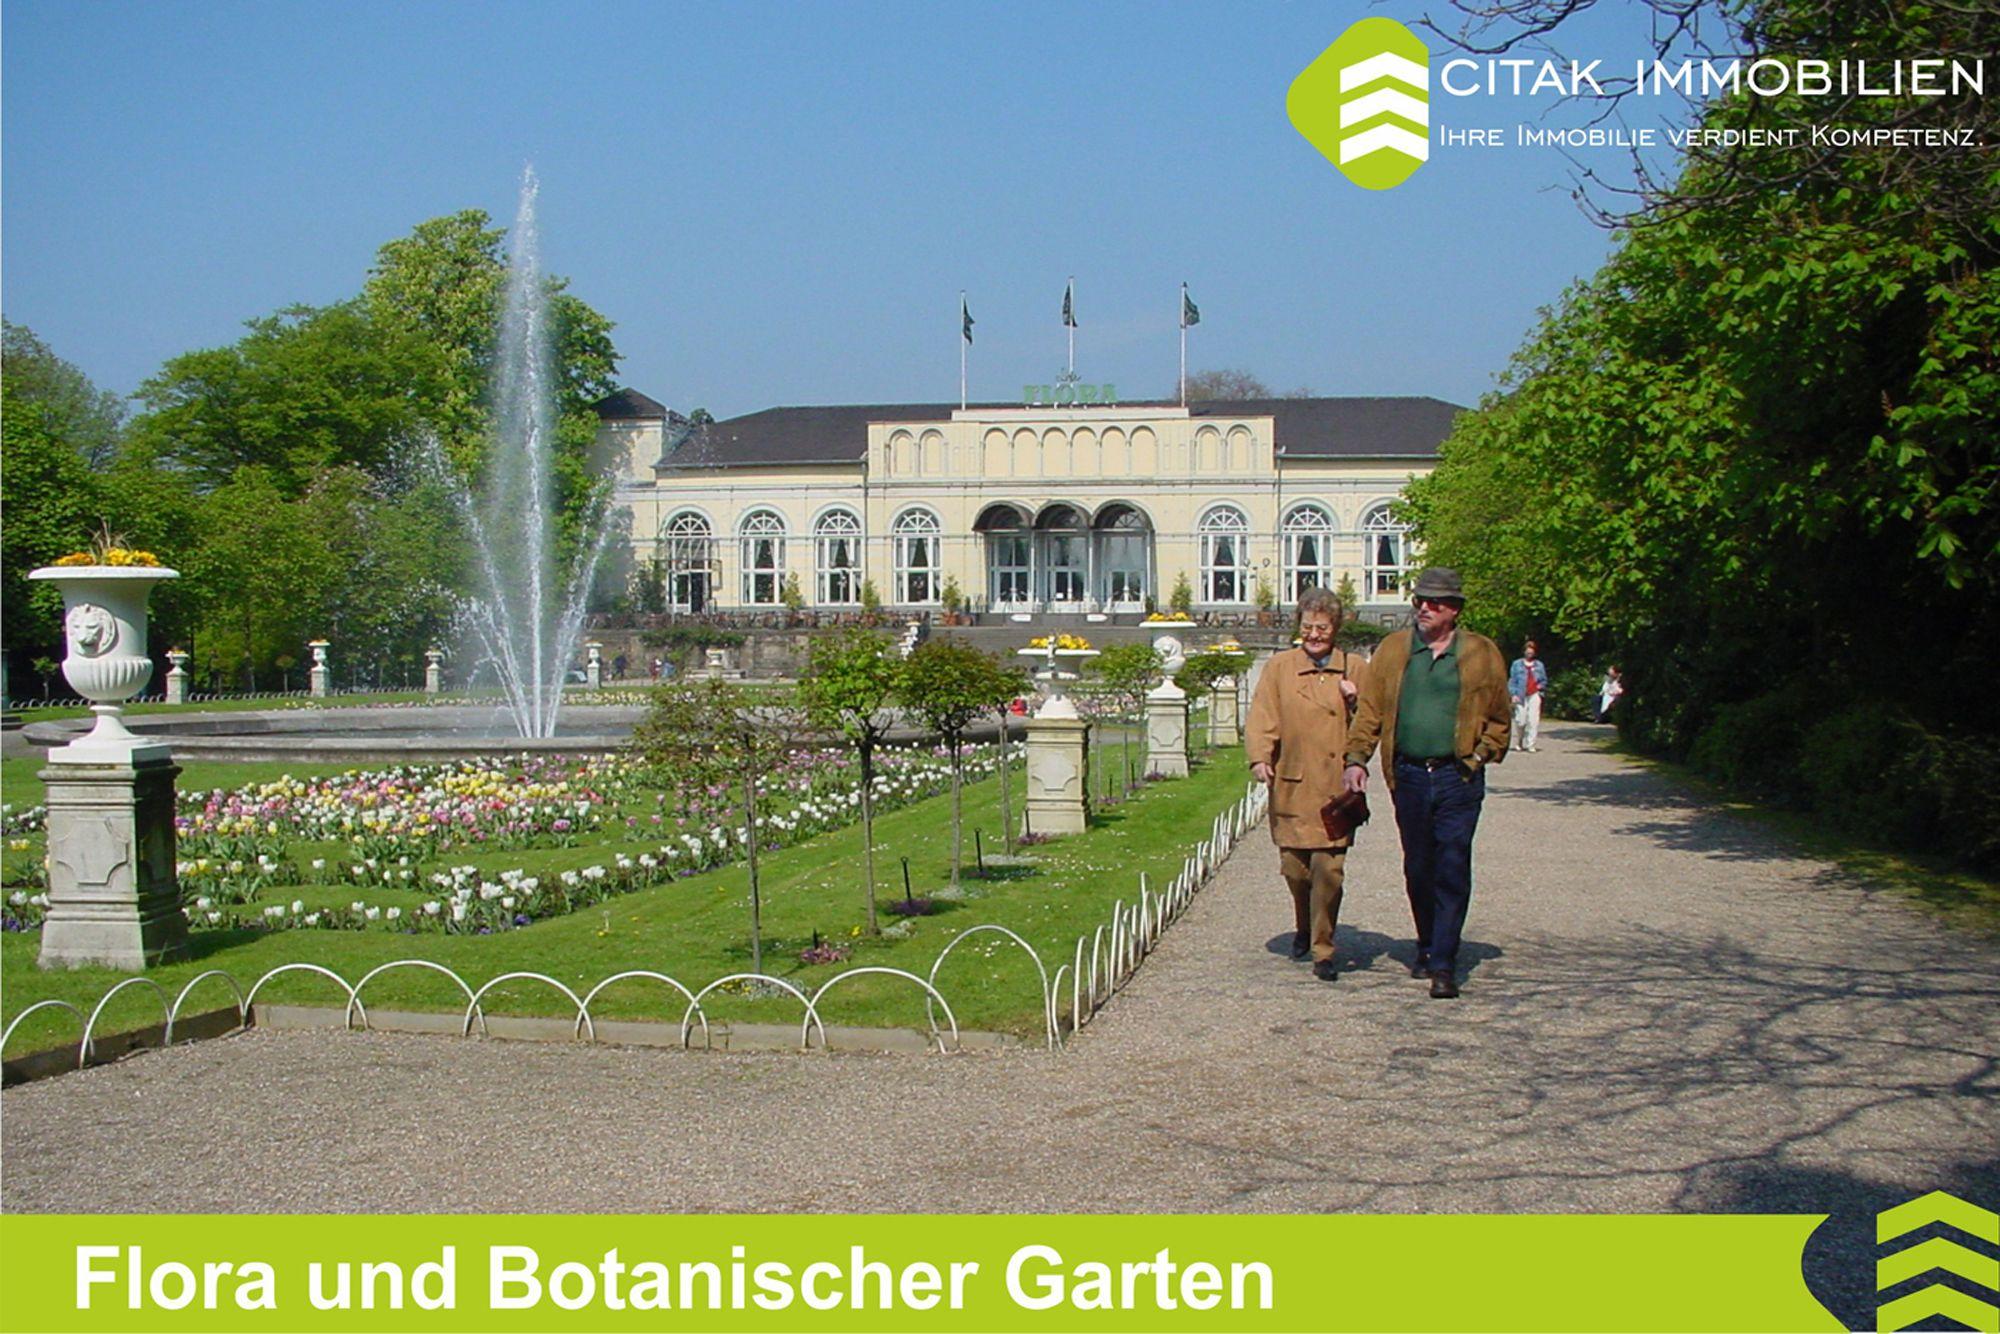 Flora Und Botanischer Garten In Koln Riehl Immobilien Immobilienmakler Botanischer Garten